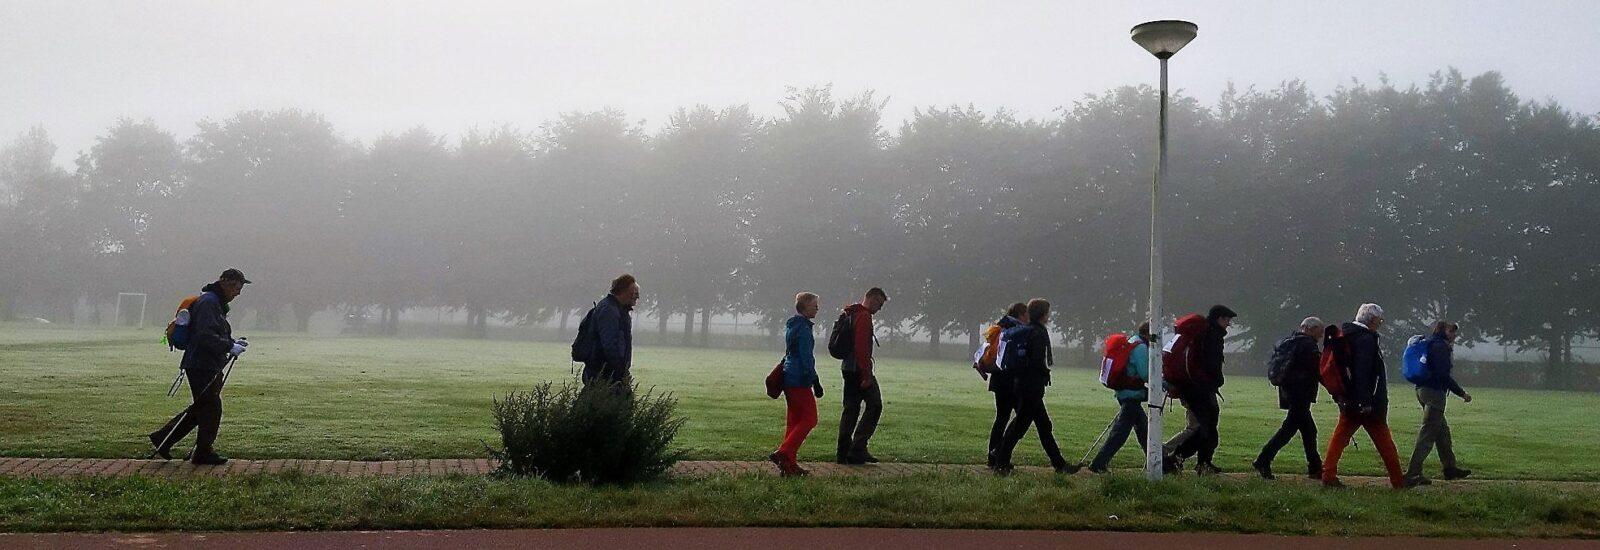 1-Serene-start-van-de-dag-in-de-mist-1